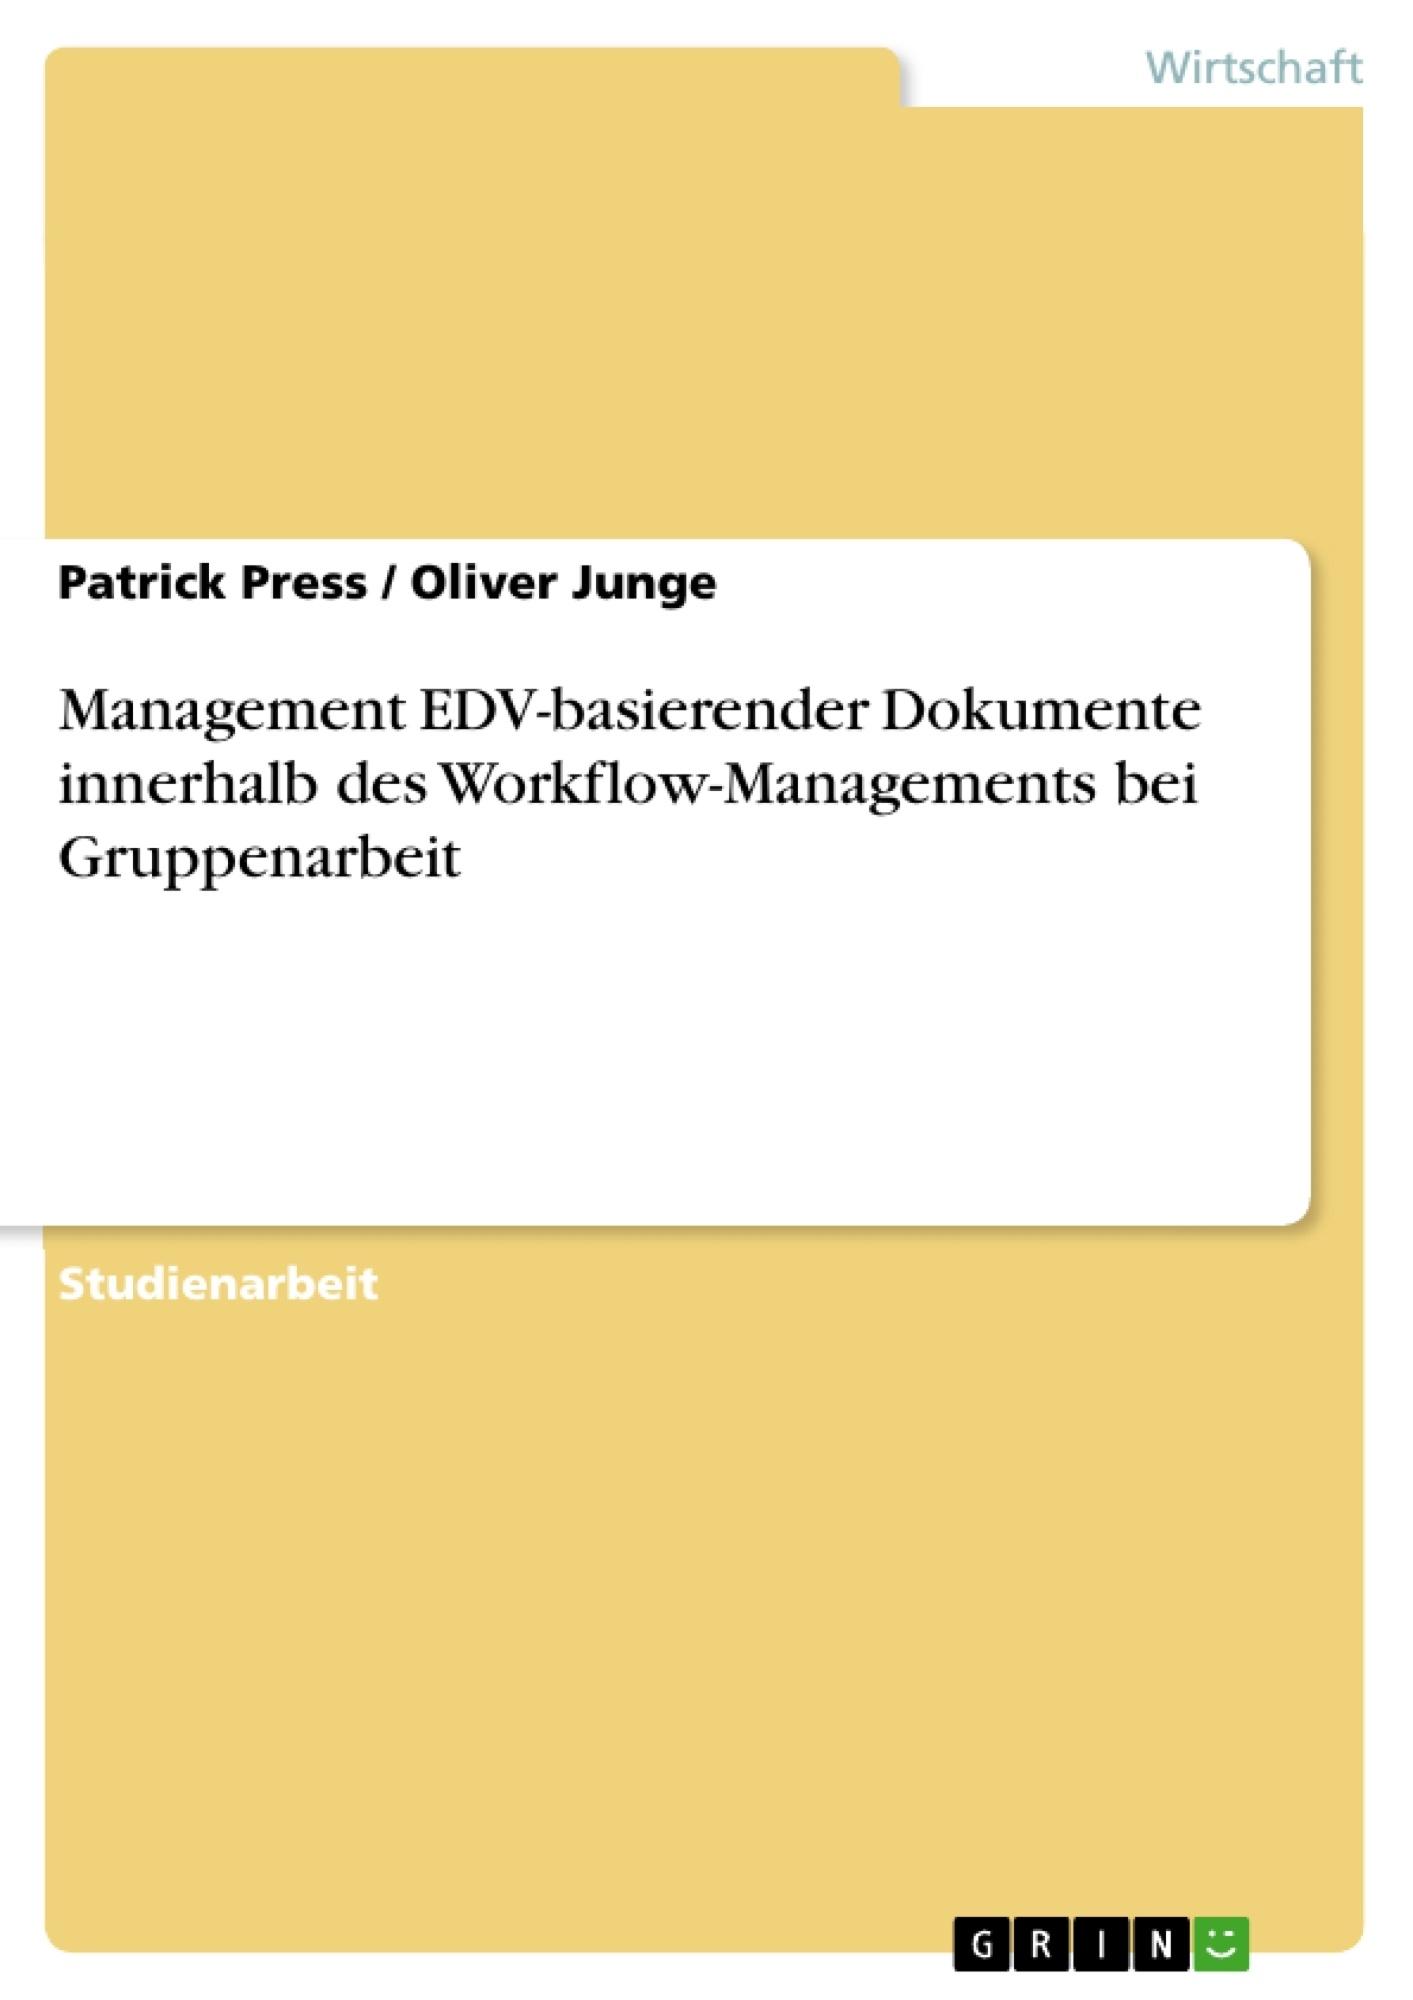 Titel: Management EDV-basierender Dokumente innerhalb des Workflow-Managements bei Gruppenarbeit